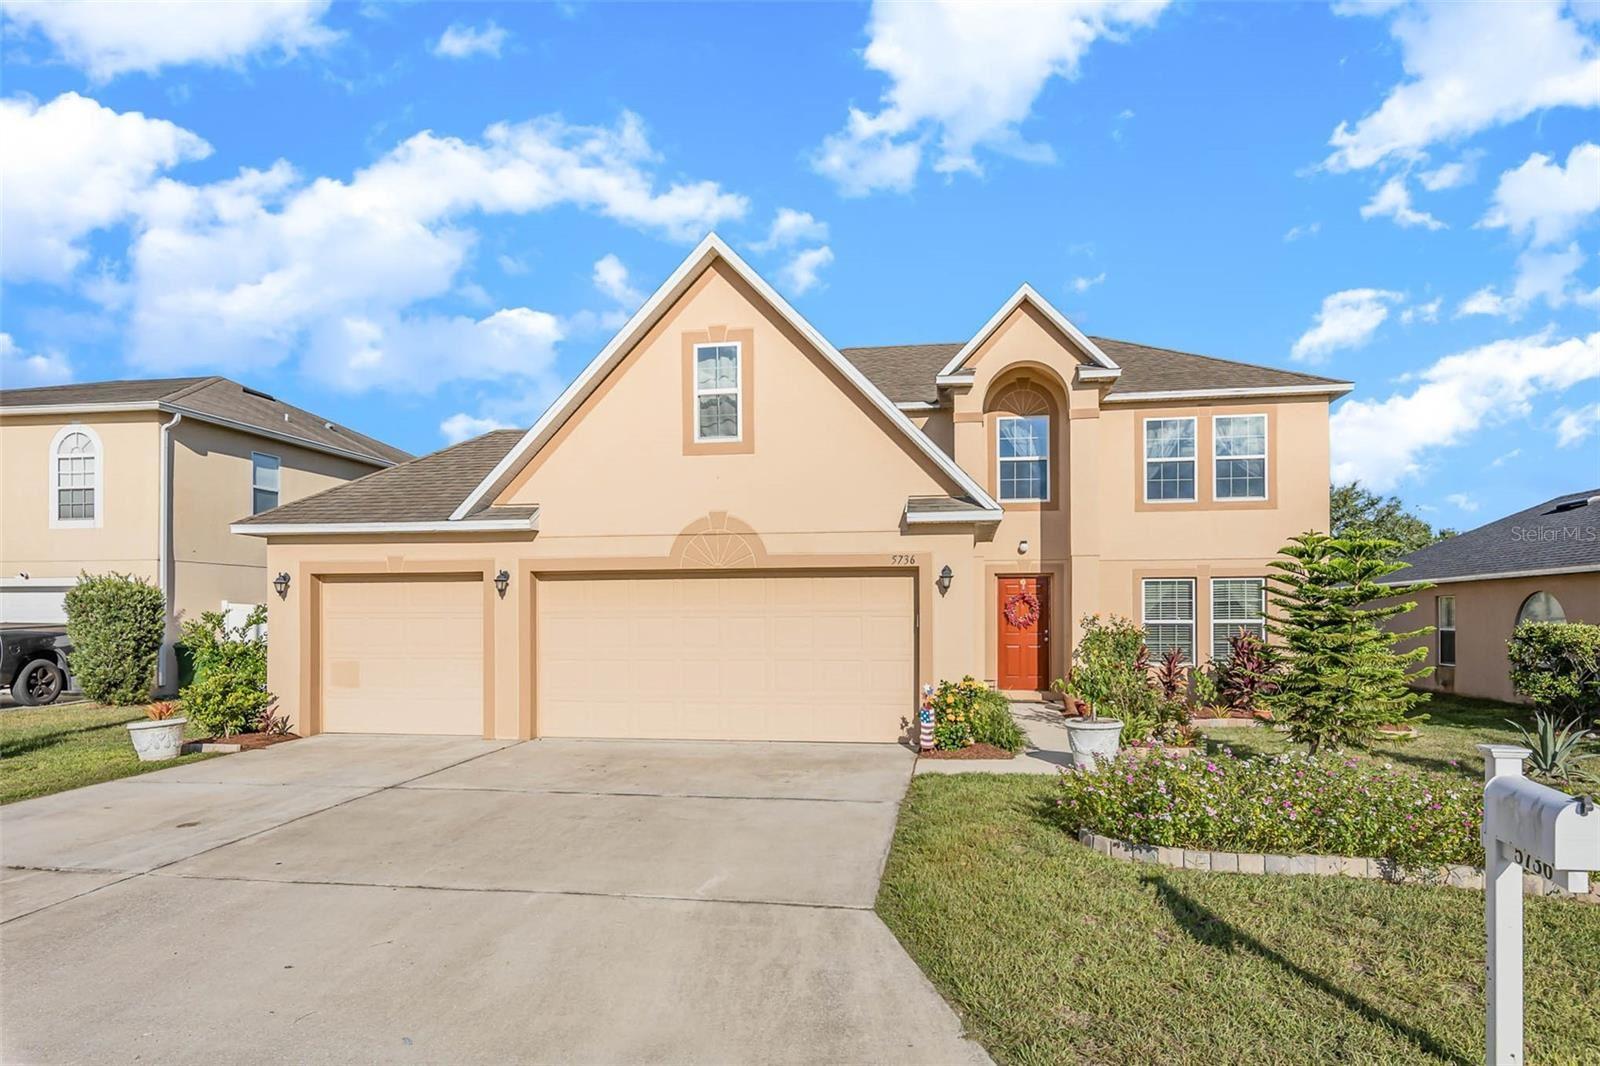 5736 ROYAL HILLS CIRCLE, Winter Haven, FL 33881 - #: O5979724